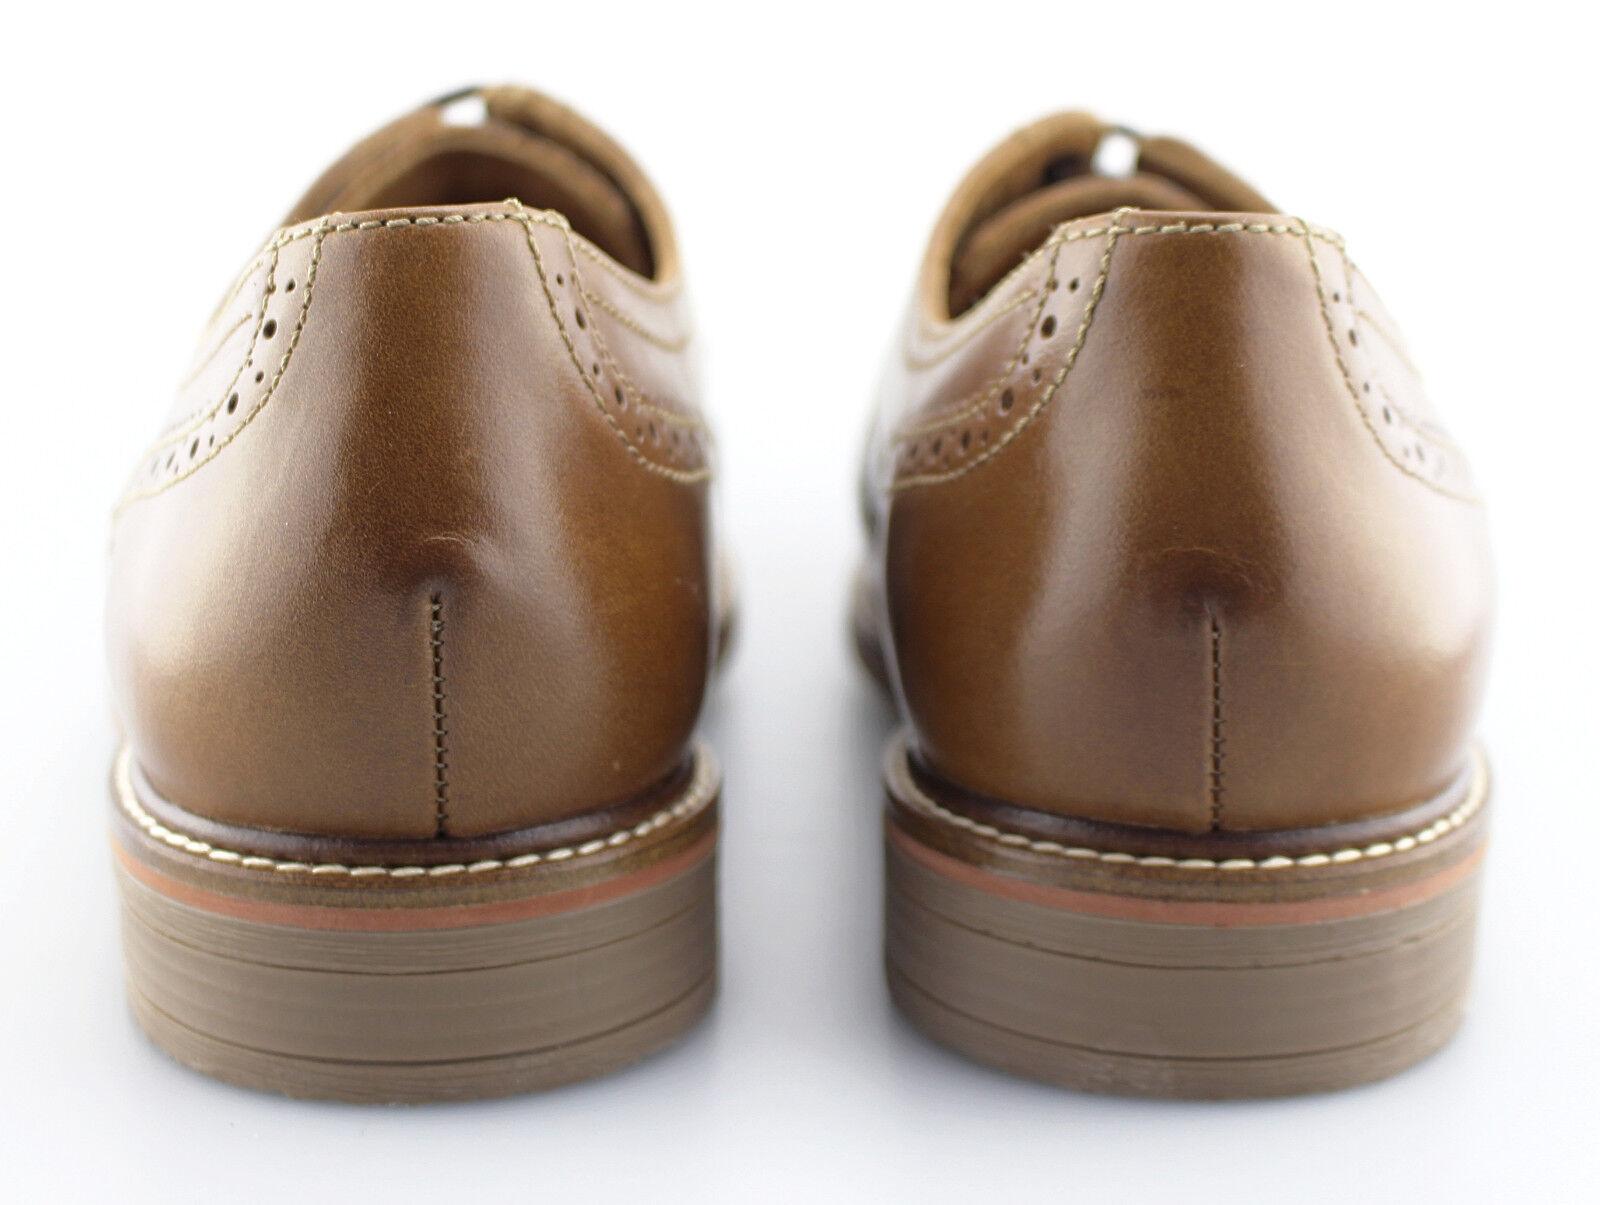 Para hombres Cuero Marrón MEPHISTO 'Waldo' punta del ala Oxford Oxford Oxford tamaño nos 10.5 EUR 10 c69006